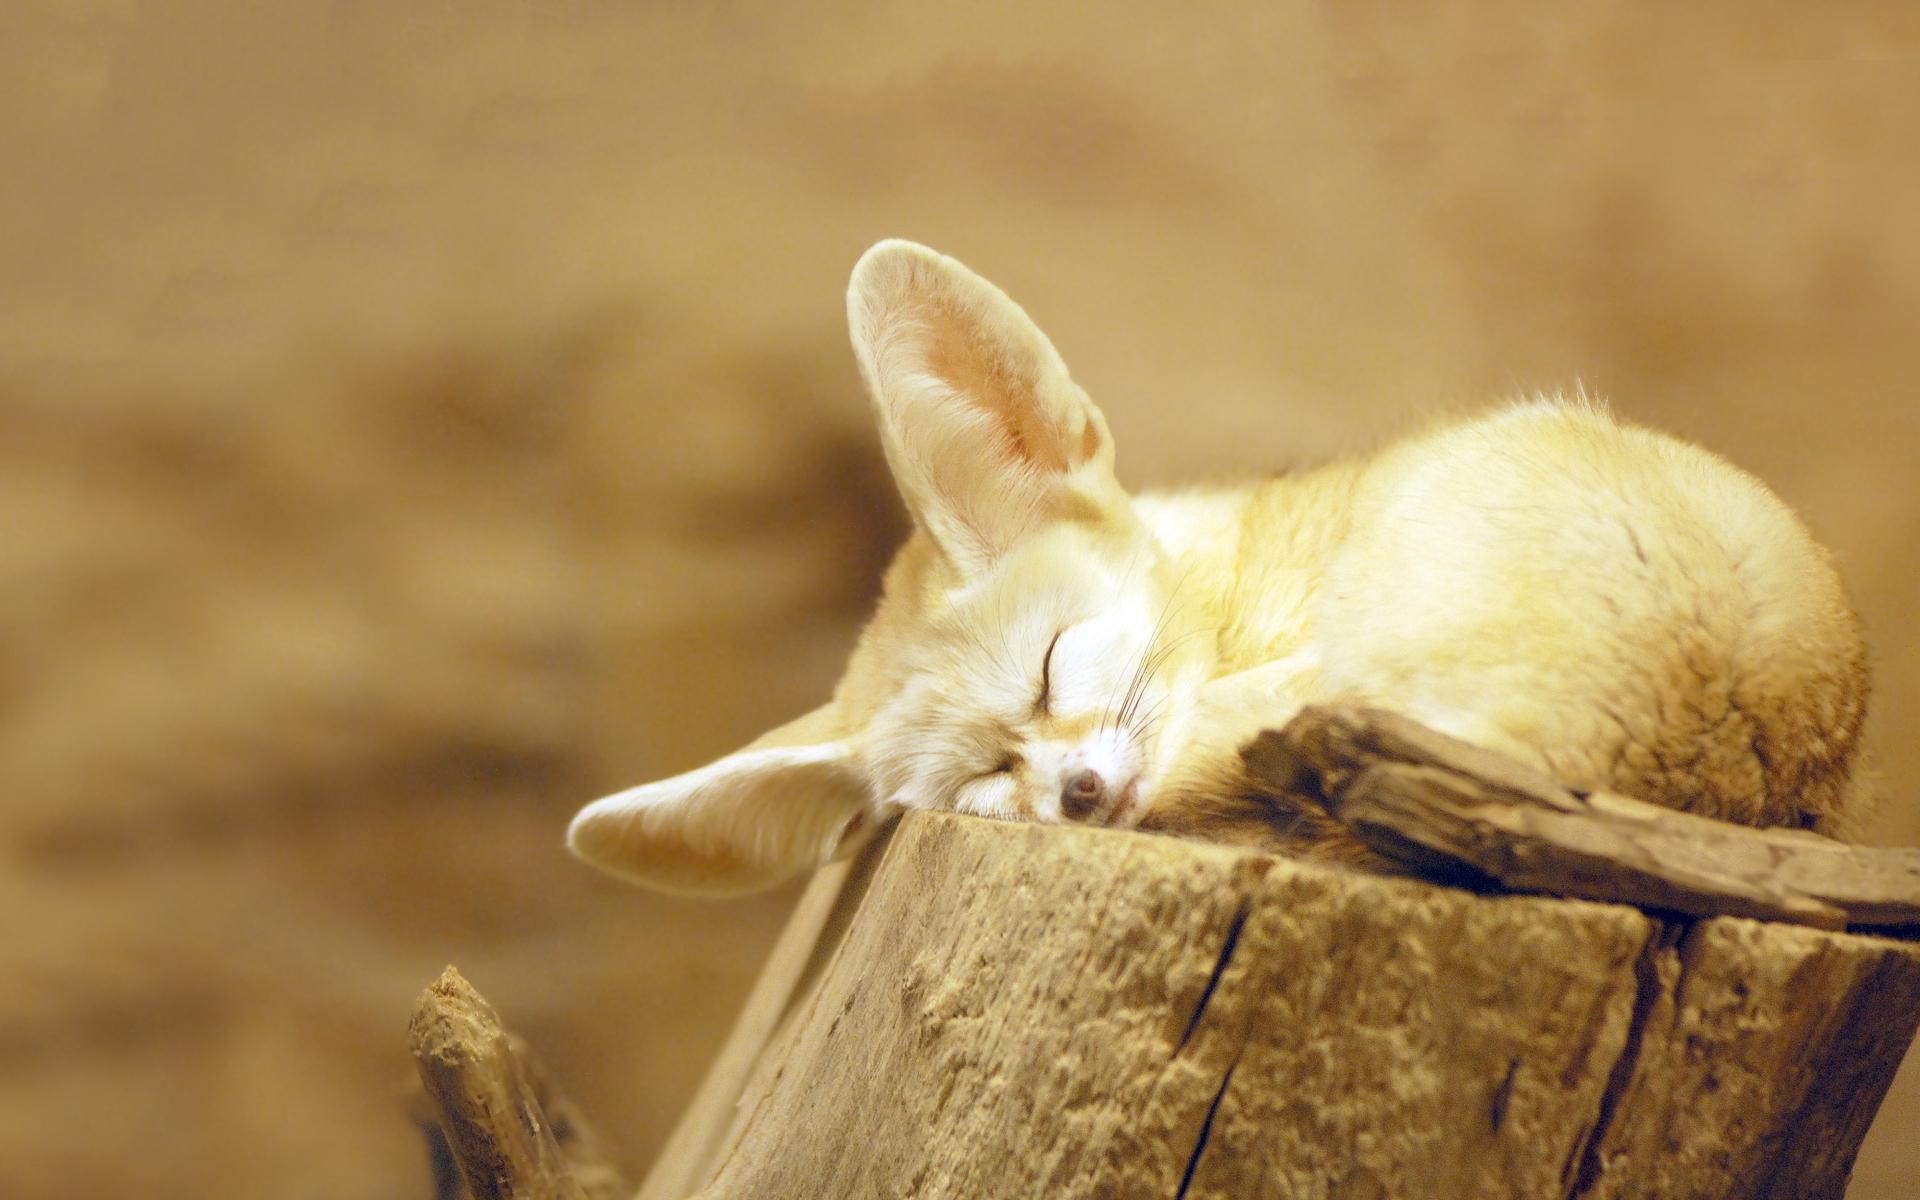 Fennec fox snooze